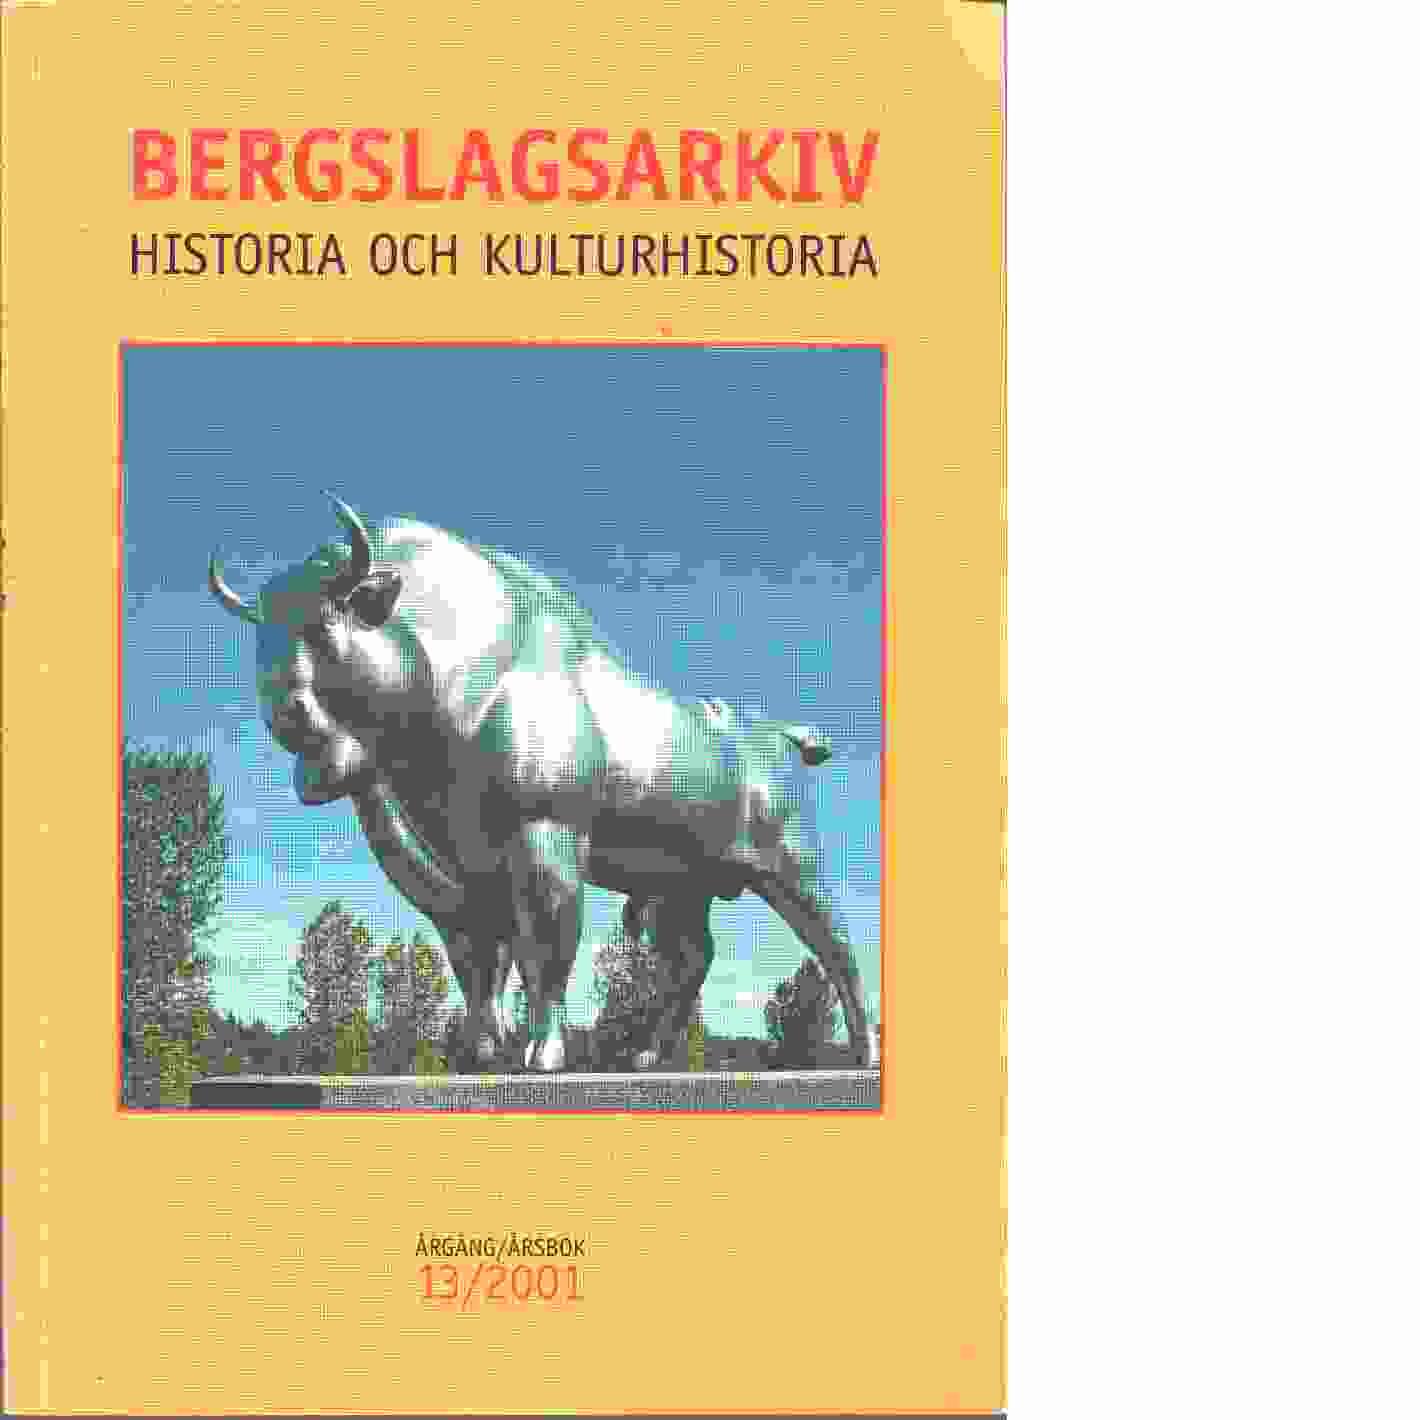 Bergslagsarkiv : årsbok för historia och kulturhistoria i Bergslagen - Red.